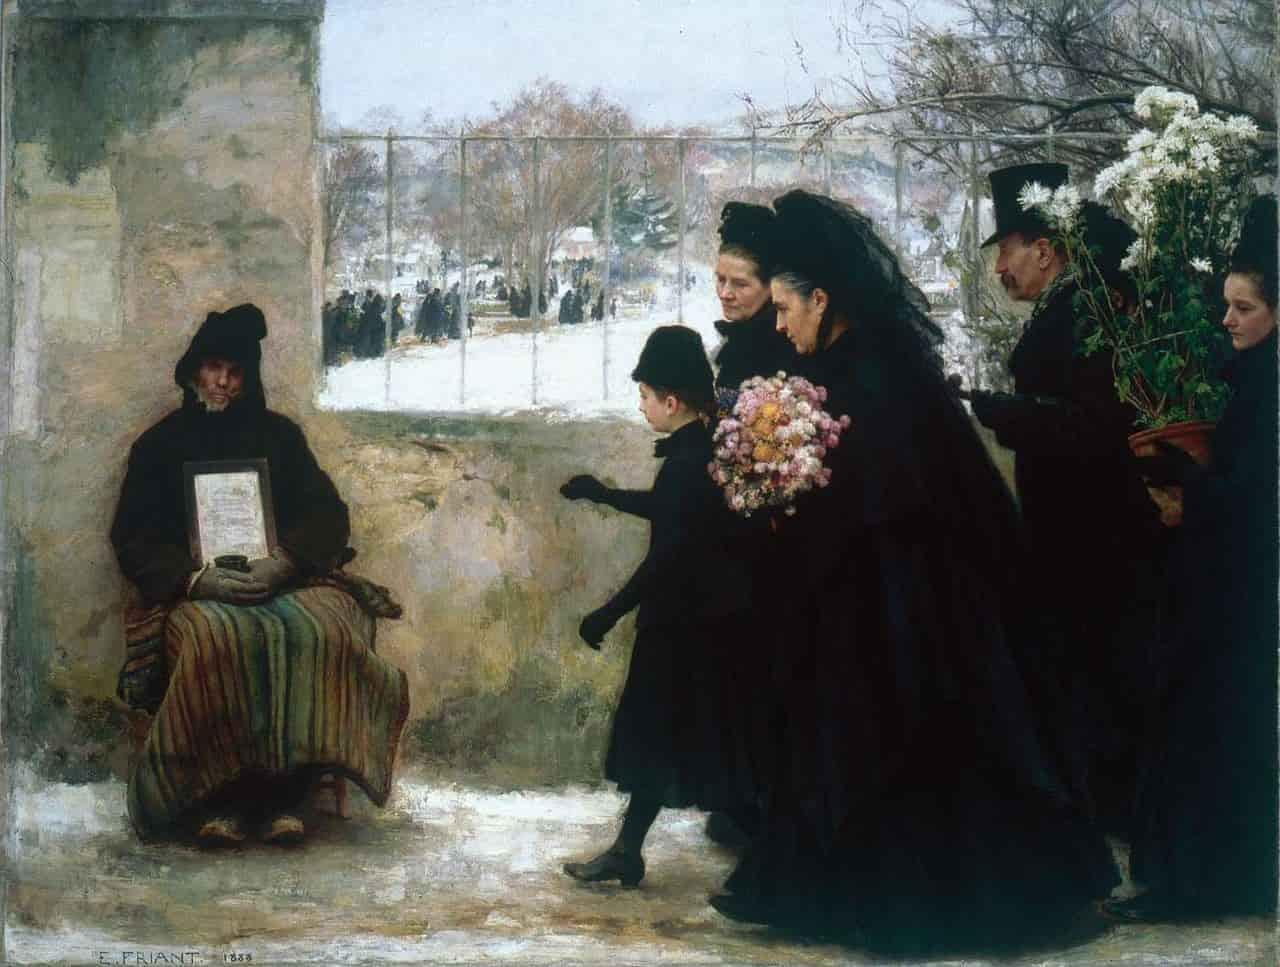 La Toussaint, peint par Émile Friant en 1888. Ce tableau de la fin du XIXème siècle nous renseigne sur les traditions lors de la Toussaint: aller fleurir de chrysanthèmes les tombes et allumer des chandelles.